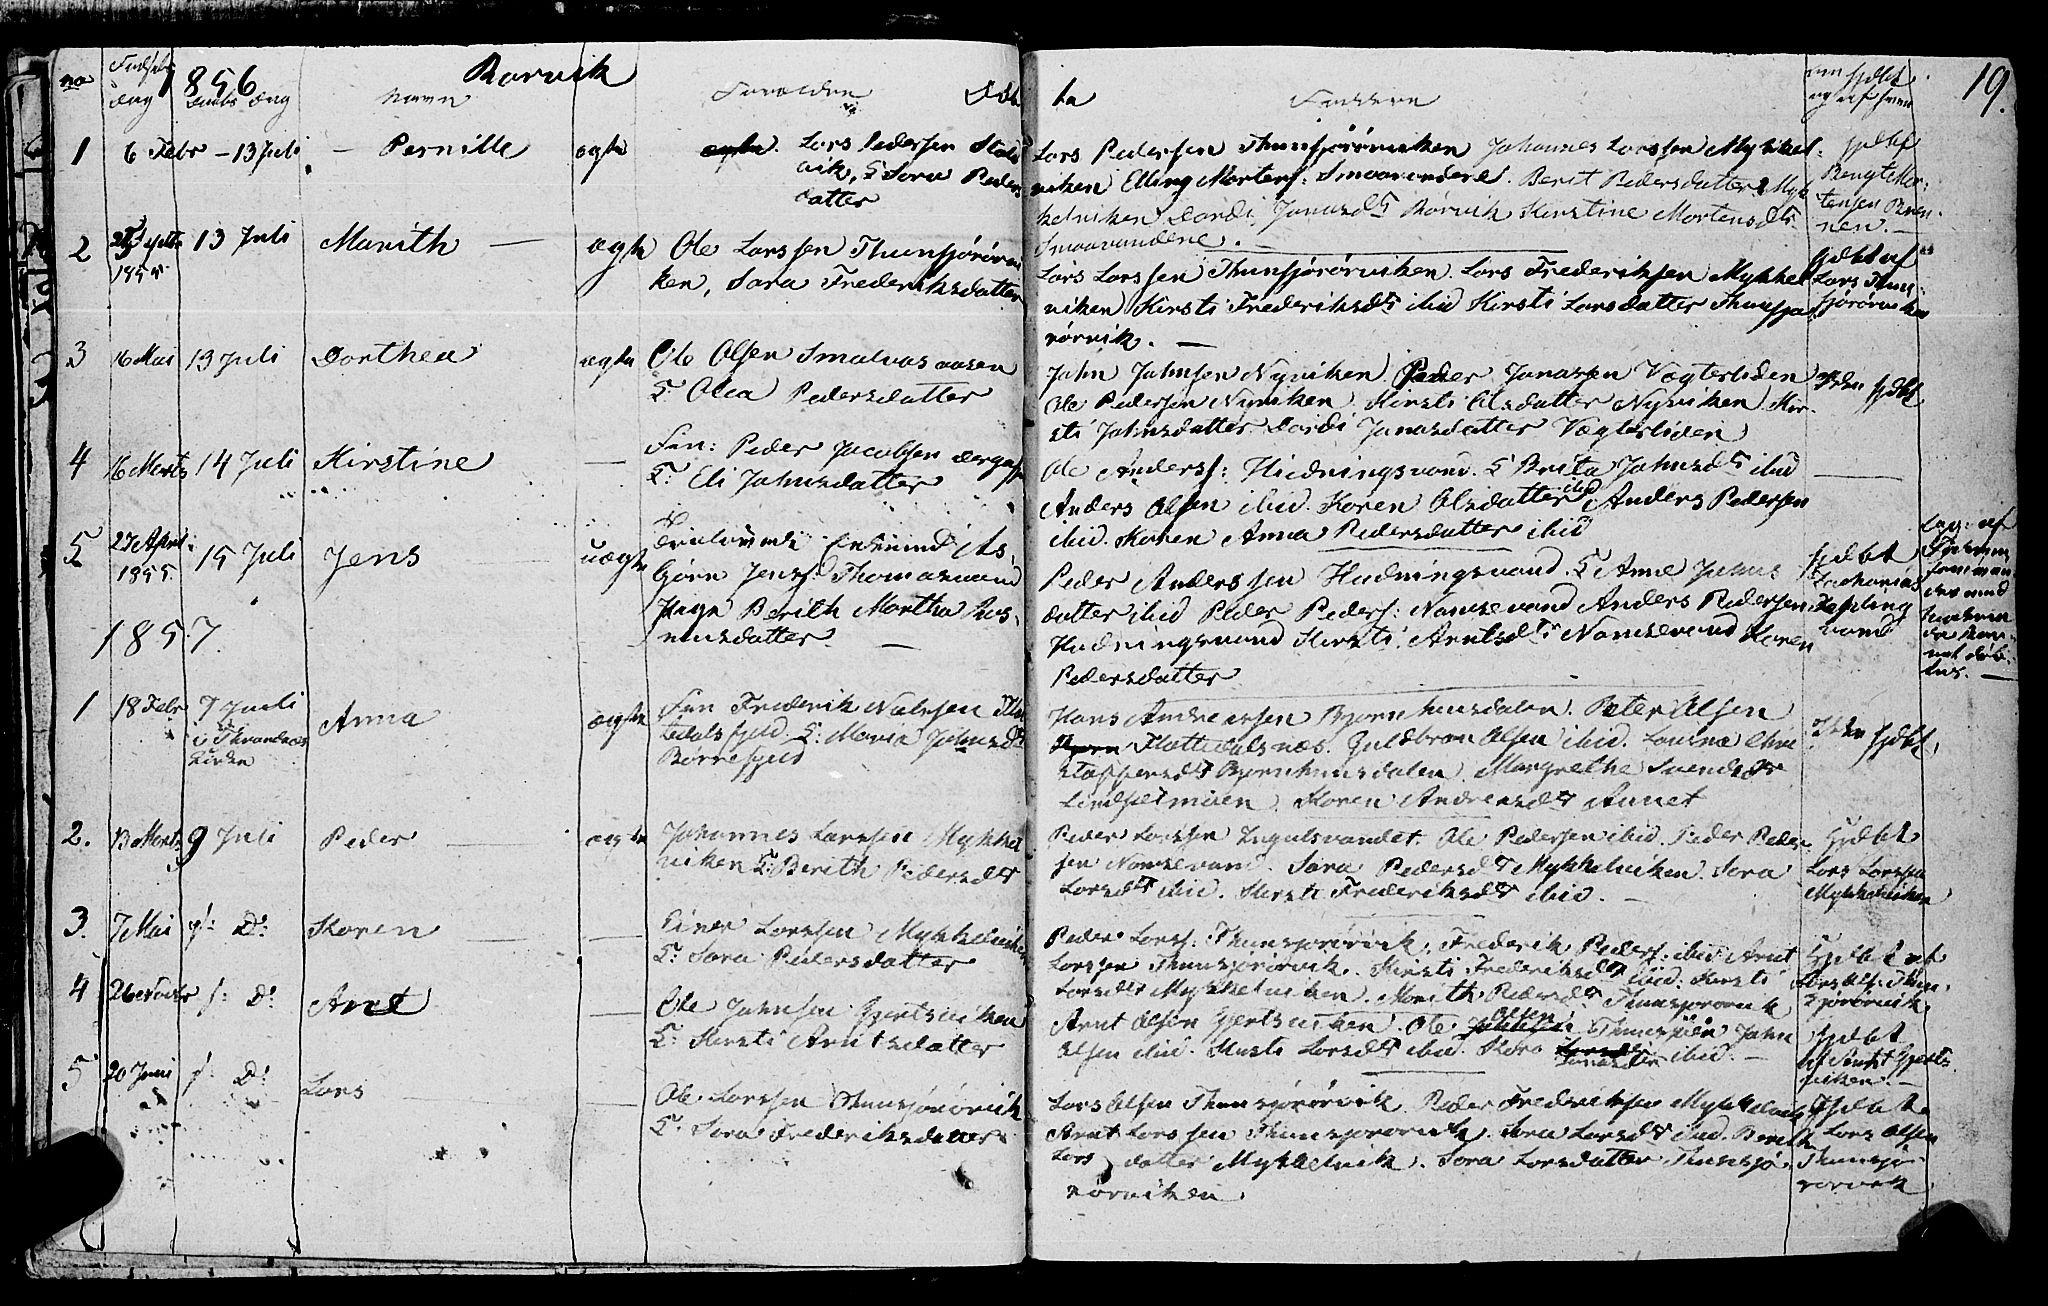 SAT, Ministerialprotokoller, klokkerbøker og fødselsregistre - Nord-Trøndelag, 762/L0538: Ministerialbok nr. 762A02 /1, 1833-1879, s. 19